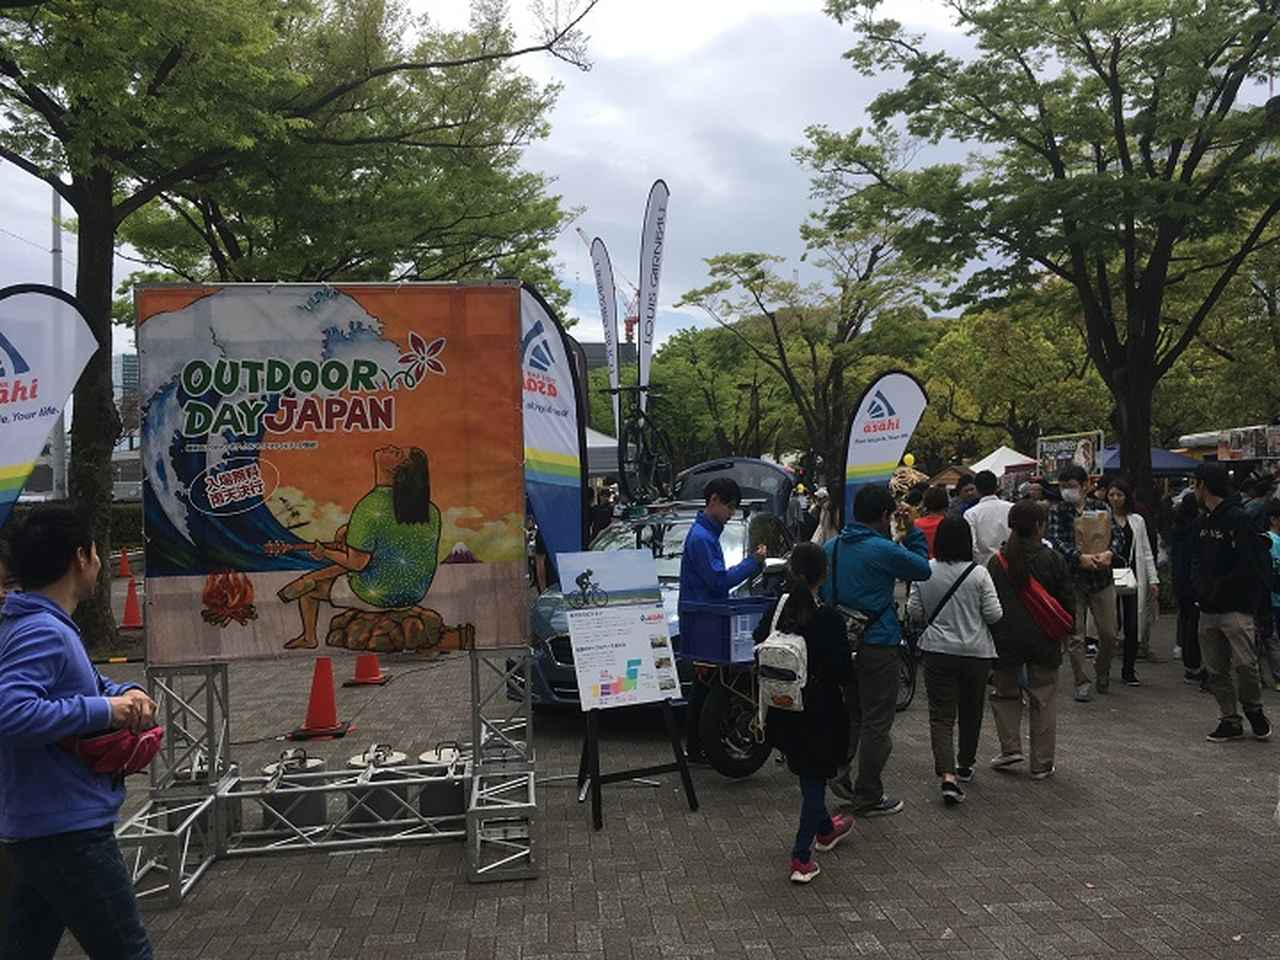 画像: アウトドアデイジャパンは、最新のキャンプギア・アクティビティを体験できる入場無料の大規模イベント